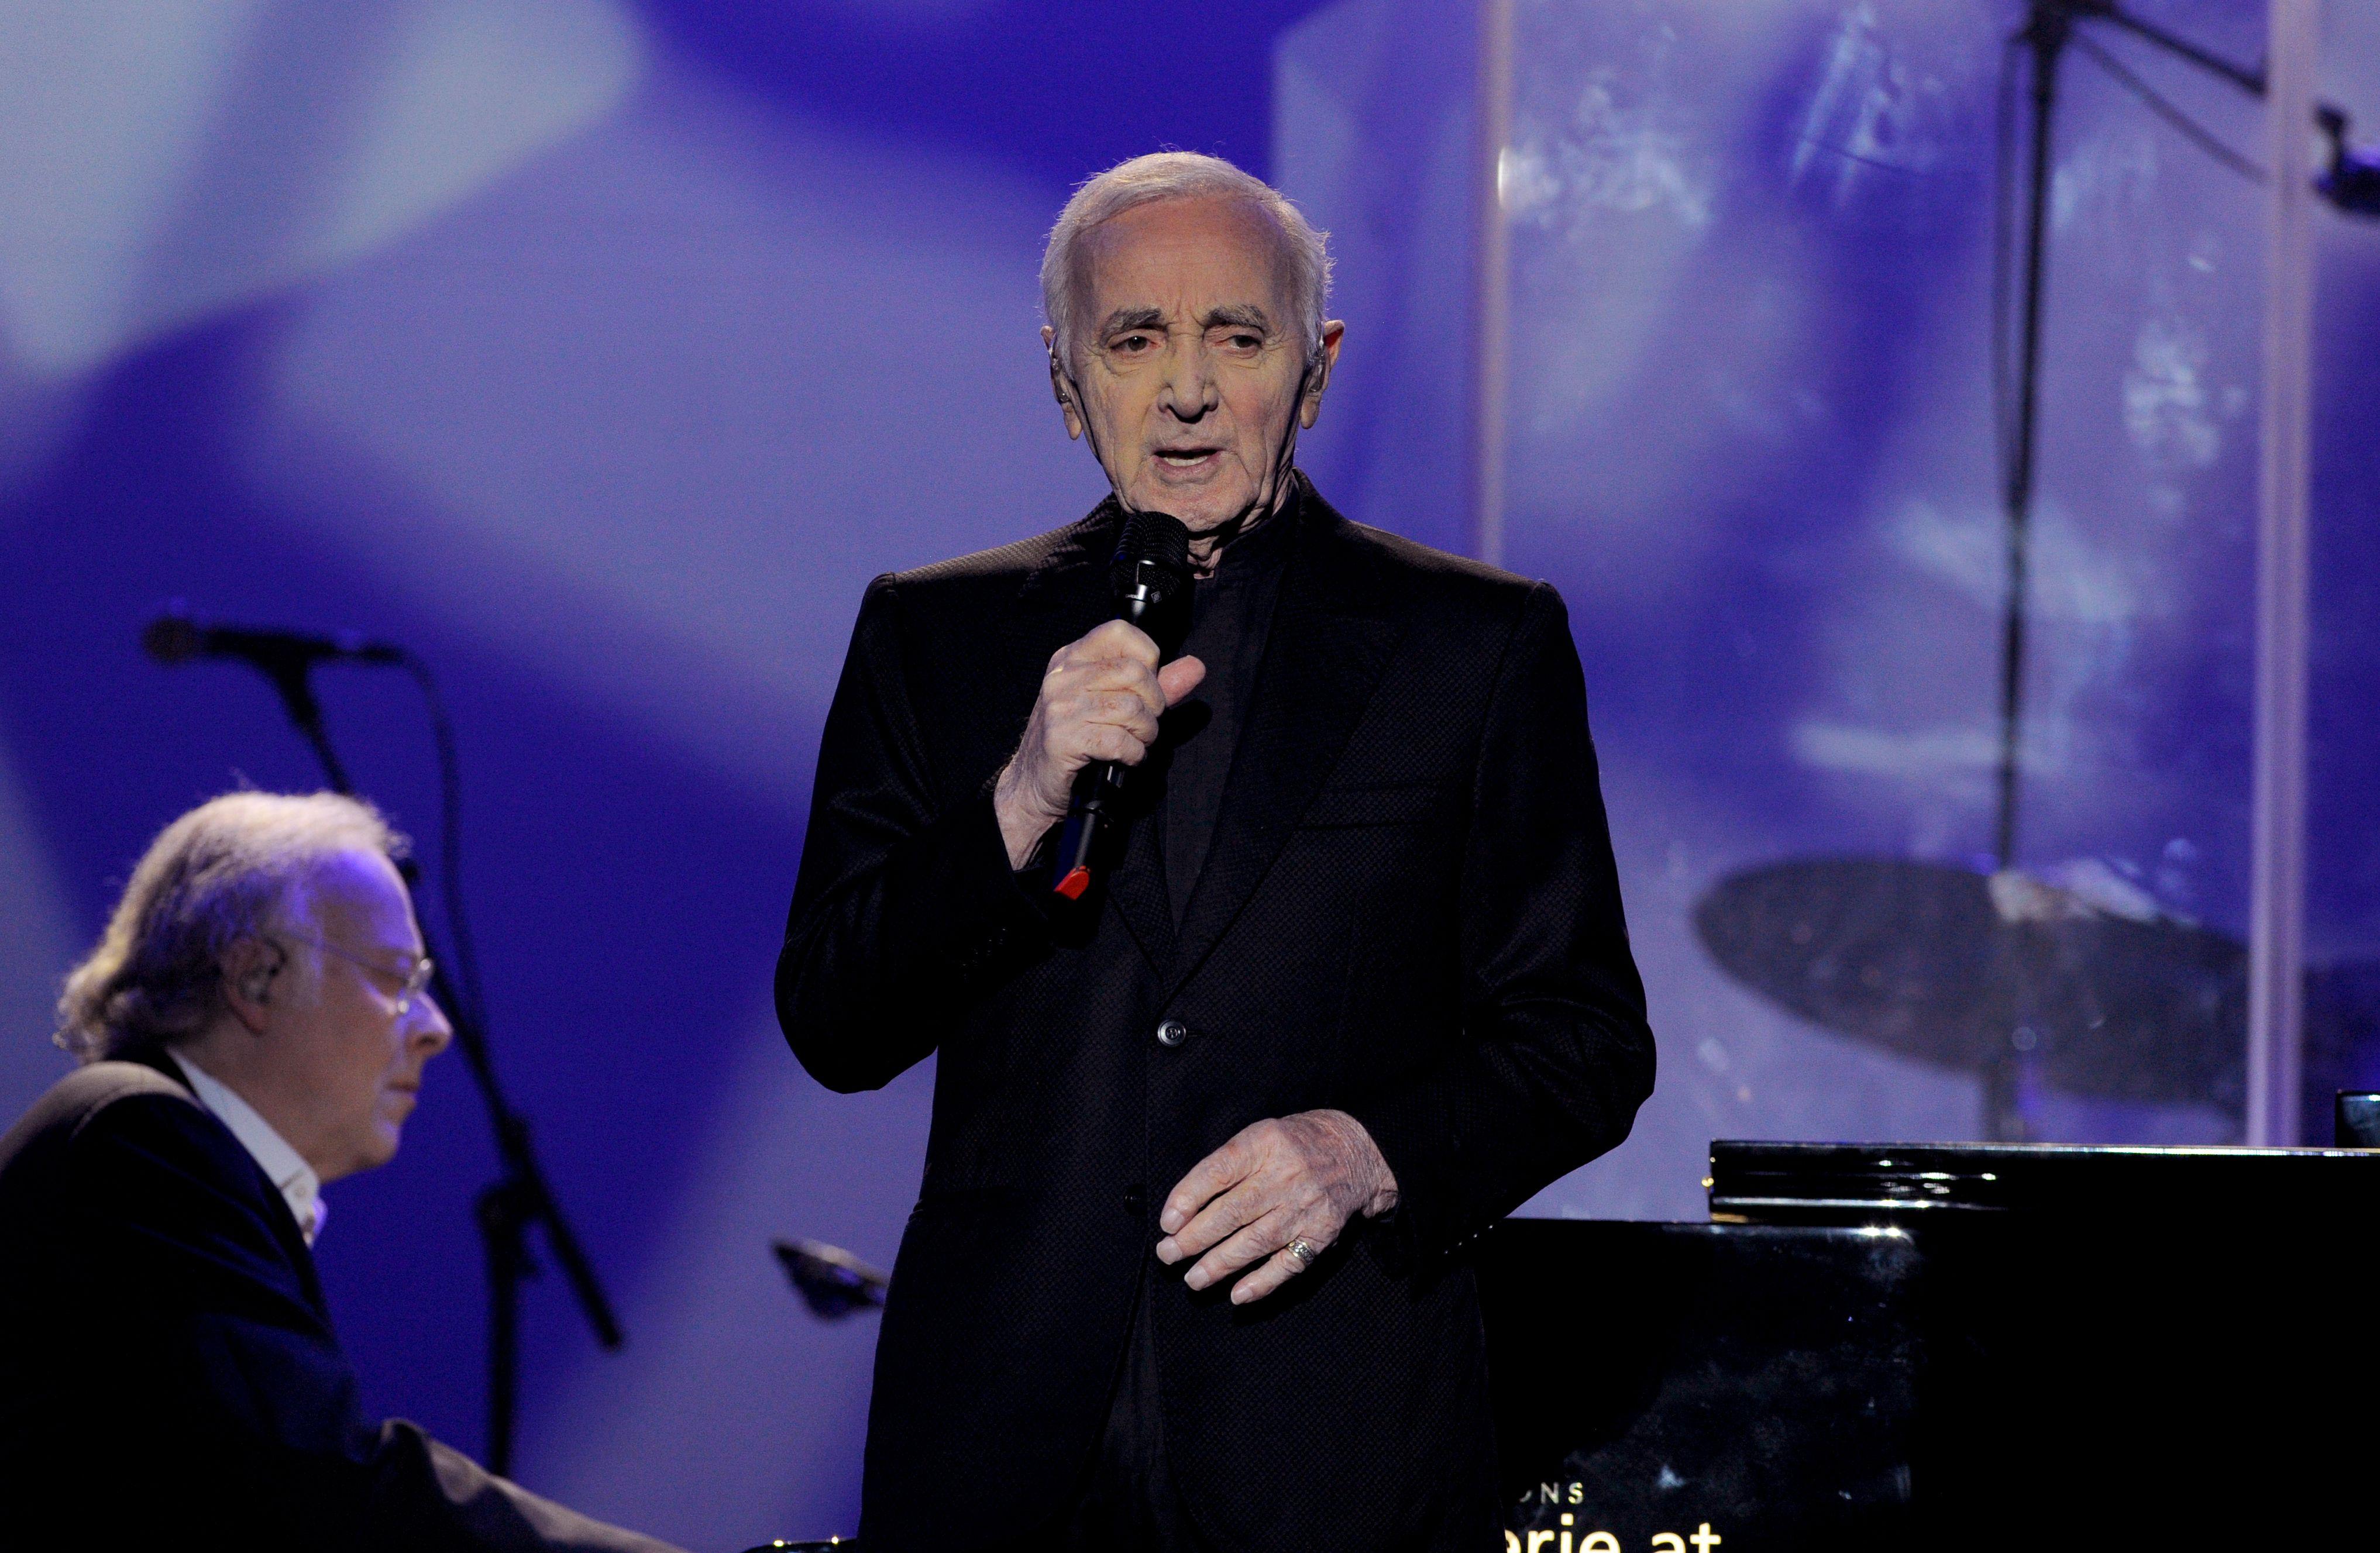 Chanson-Meister Charles Aznavour mit berührendem Konzert in Wien